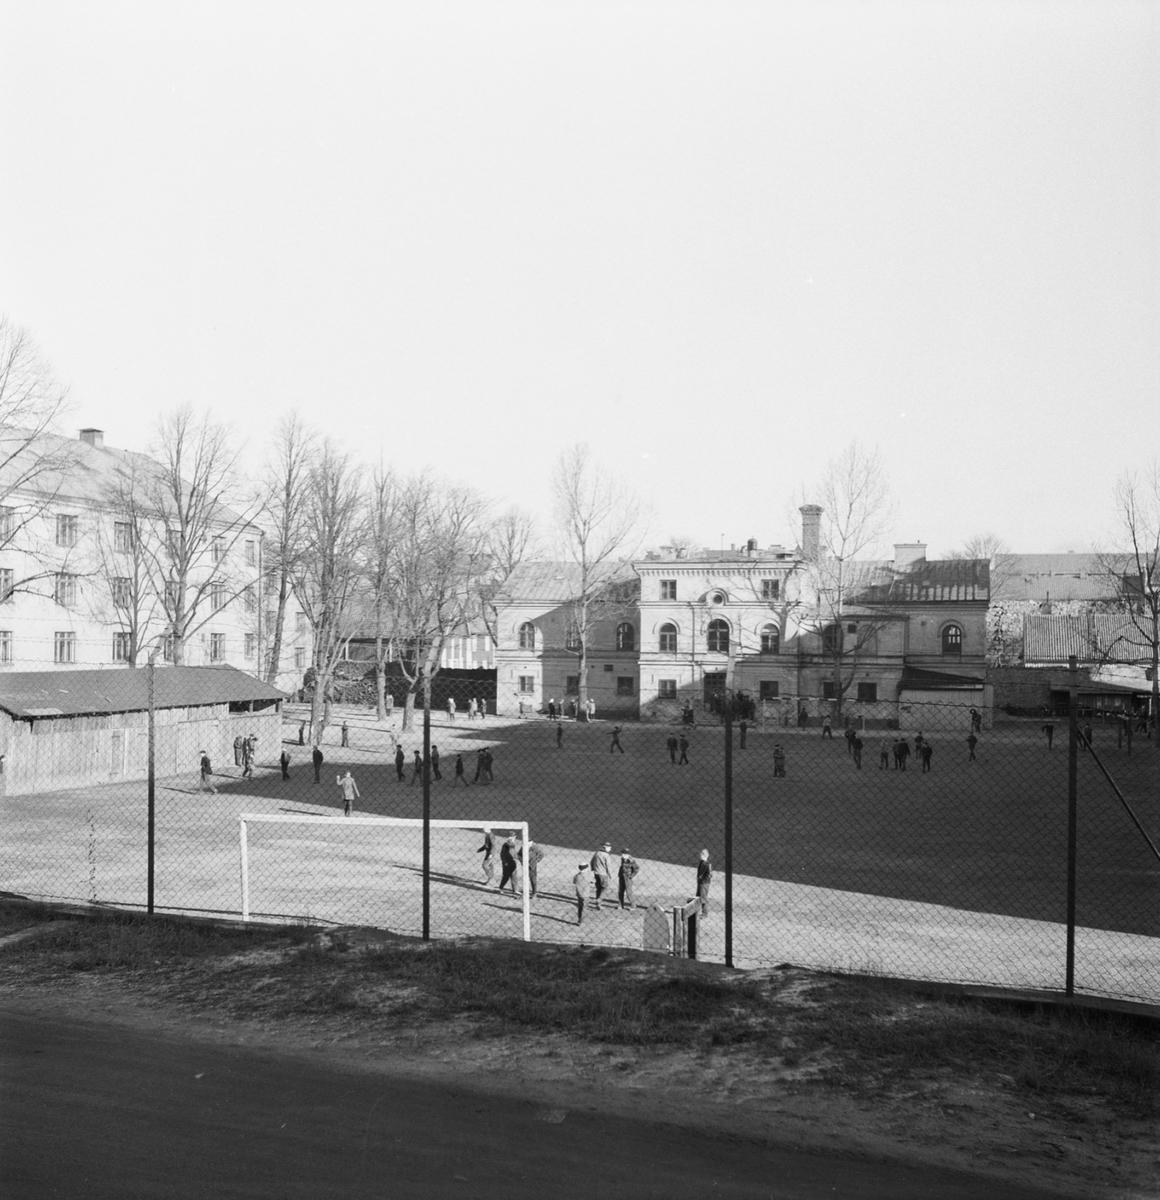 Övrigt: Fotodatum:10/4 1963. Byggnader och Kranar. Kasern Ankarstierna vy mot Wasa skjulet.